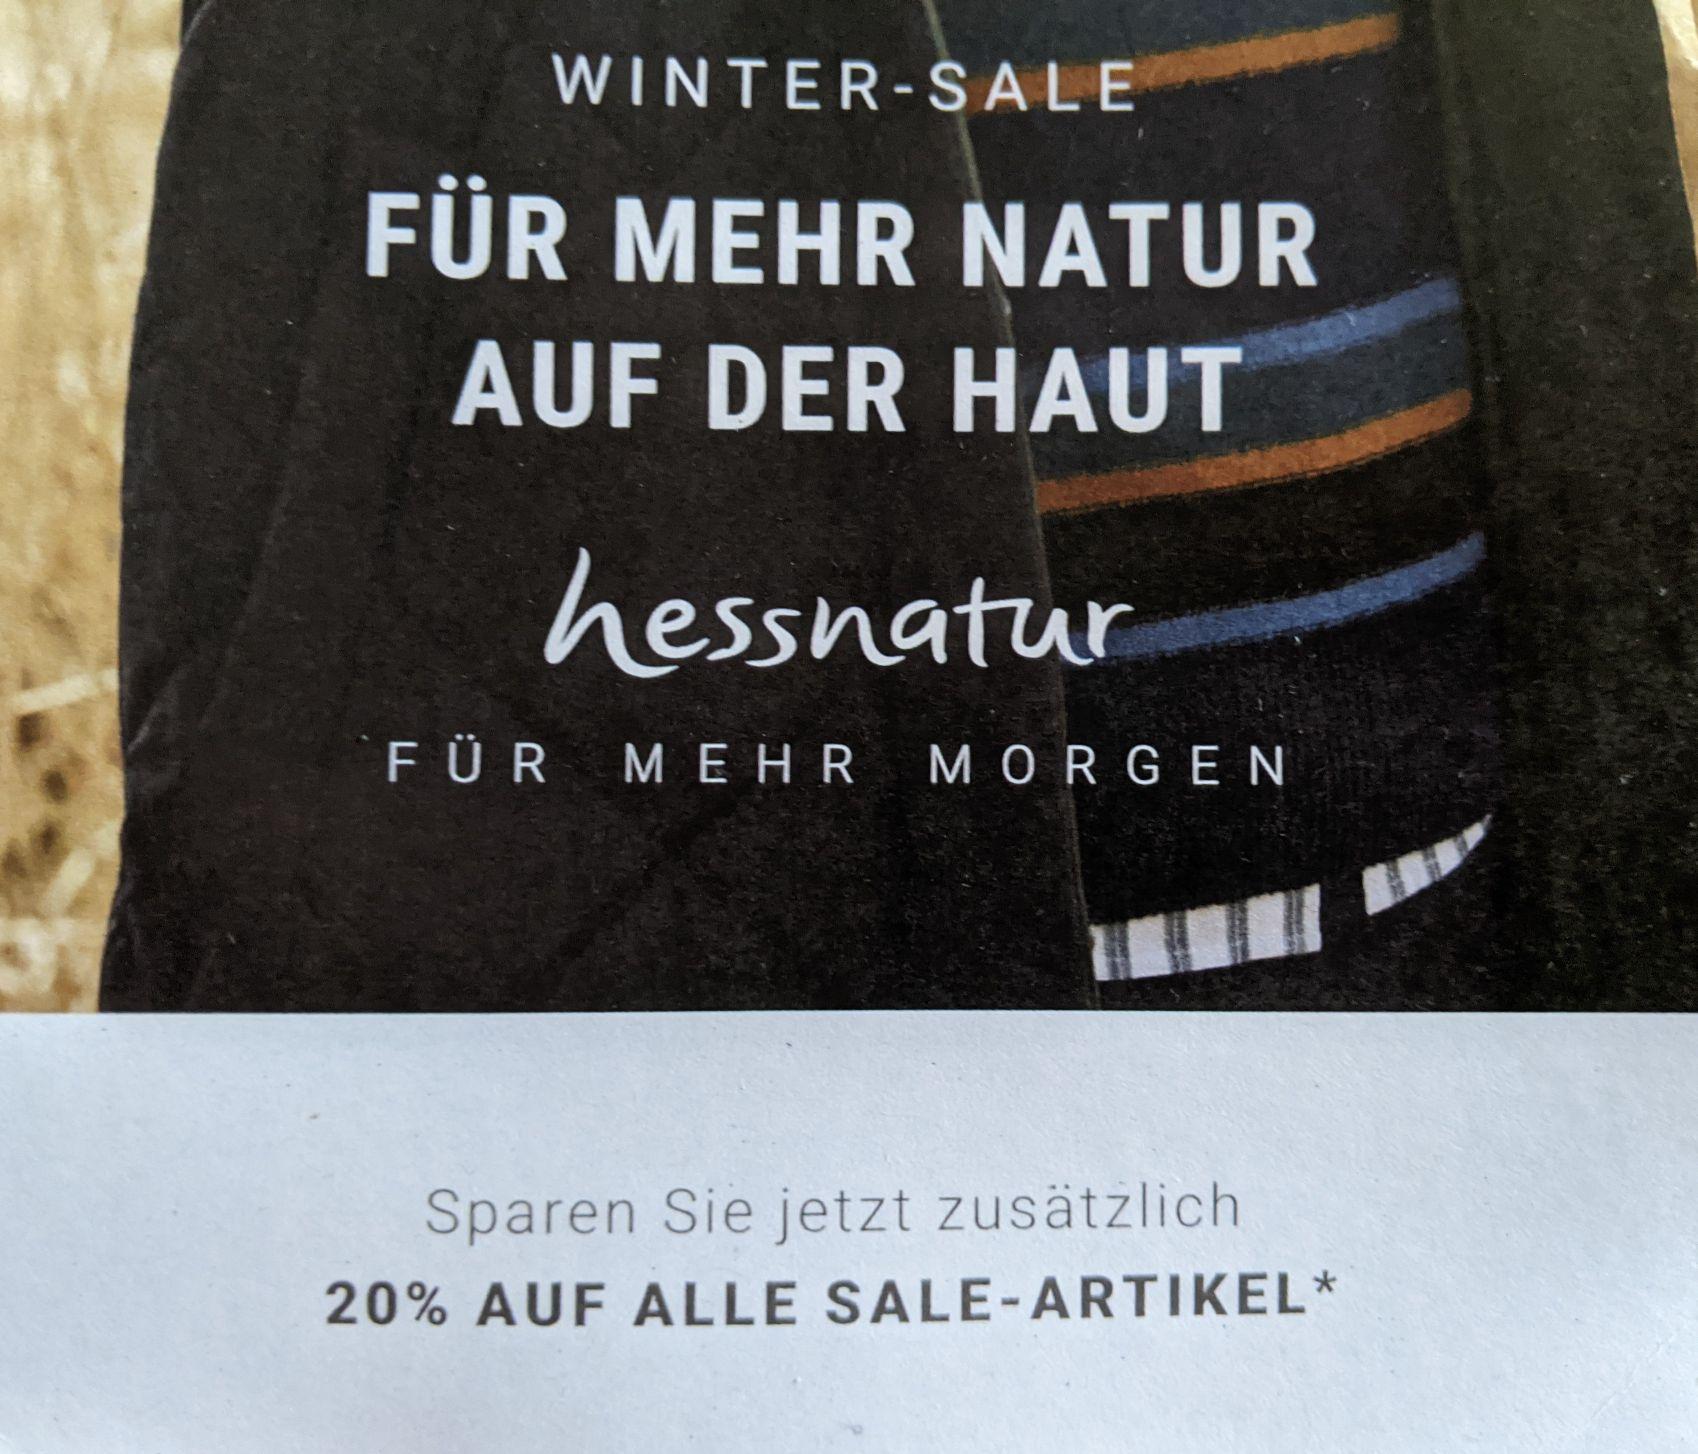 [Hessnatur] 20% zusätzlich auf alle Sale Artikel ab 11.1.